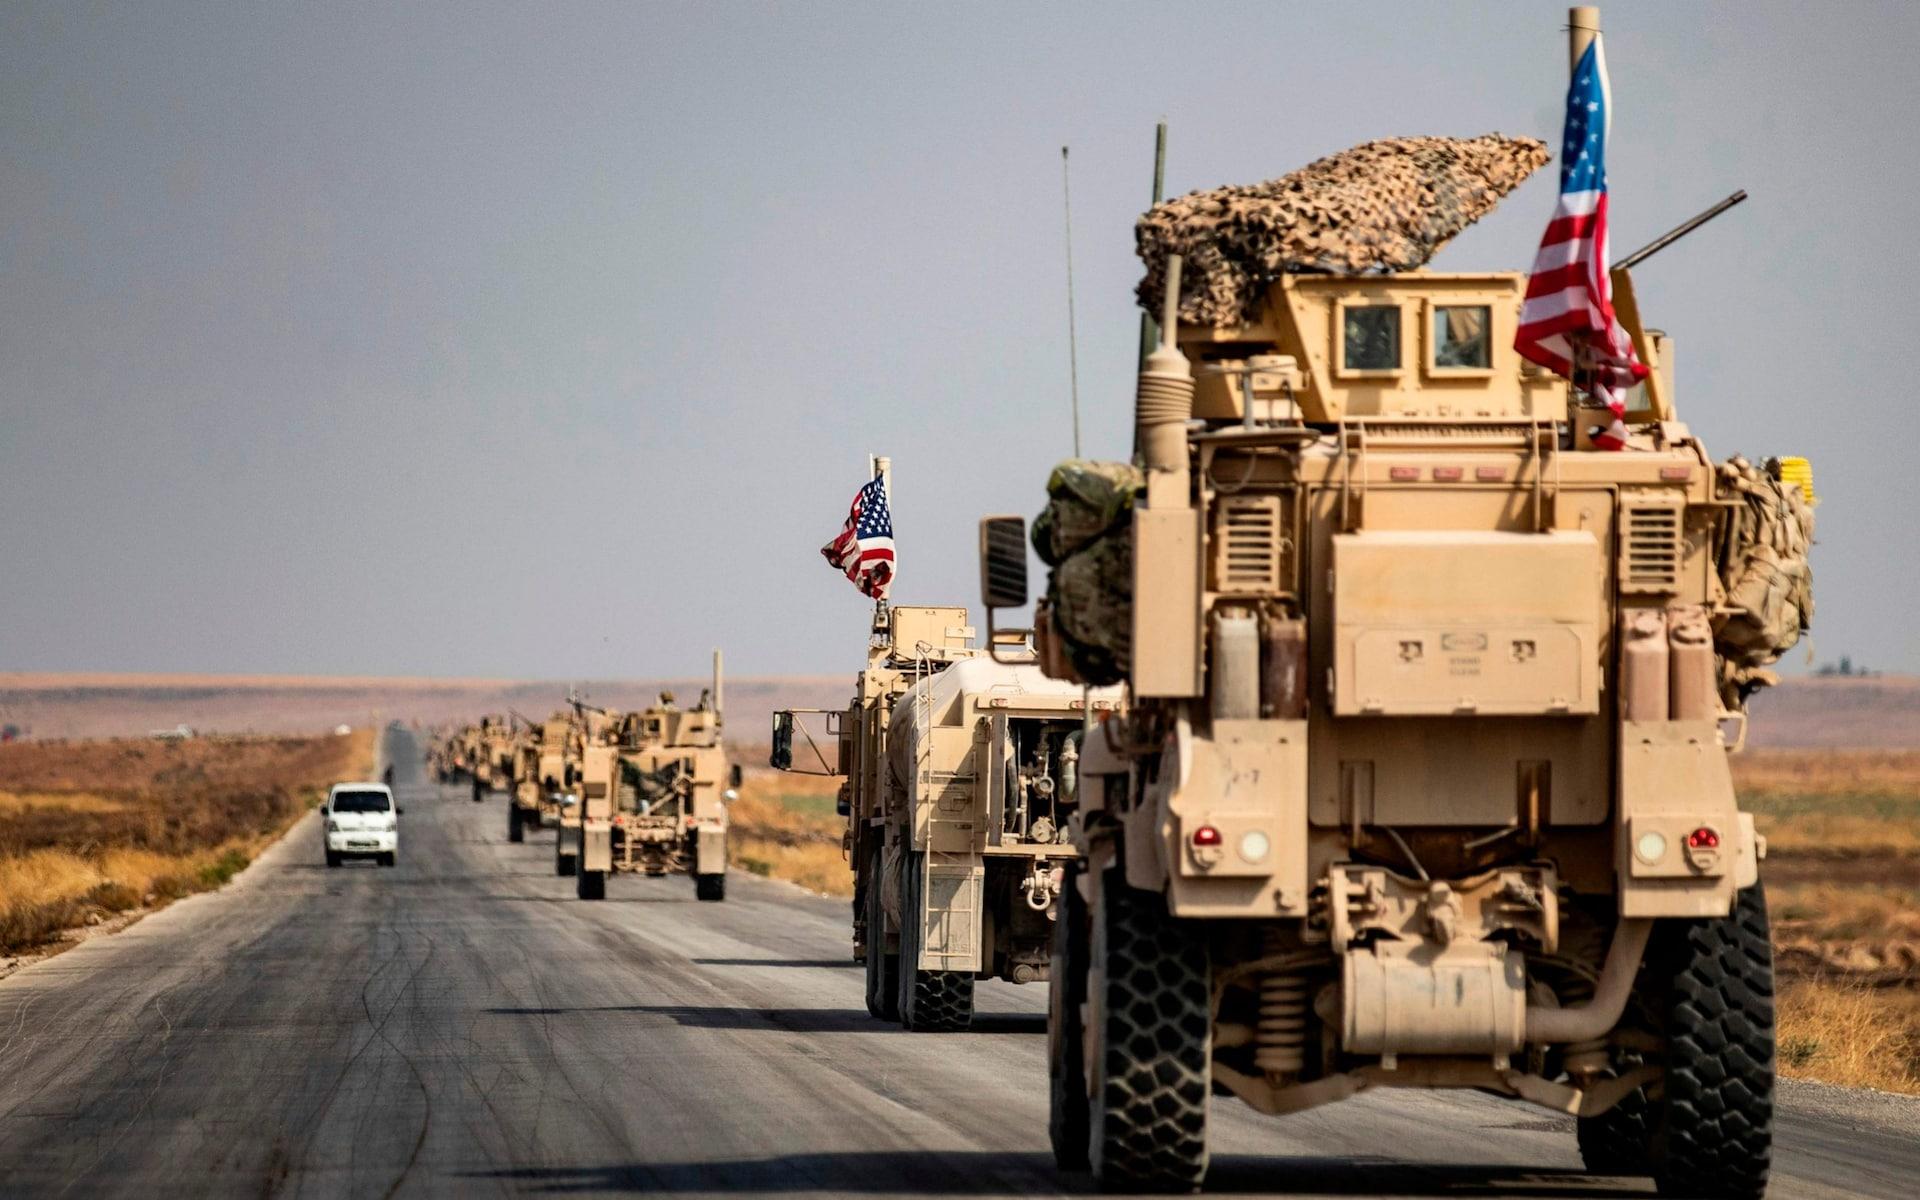 در عراق چه خبر است: کودتا، تهاجم نظامی یا عملیات فریب؟